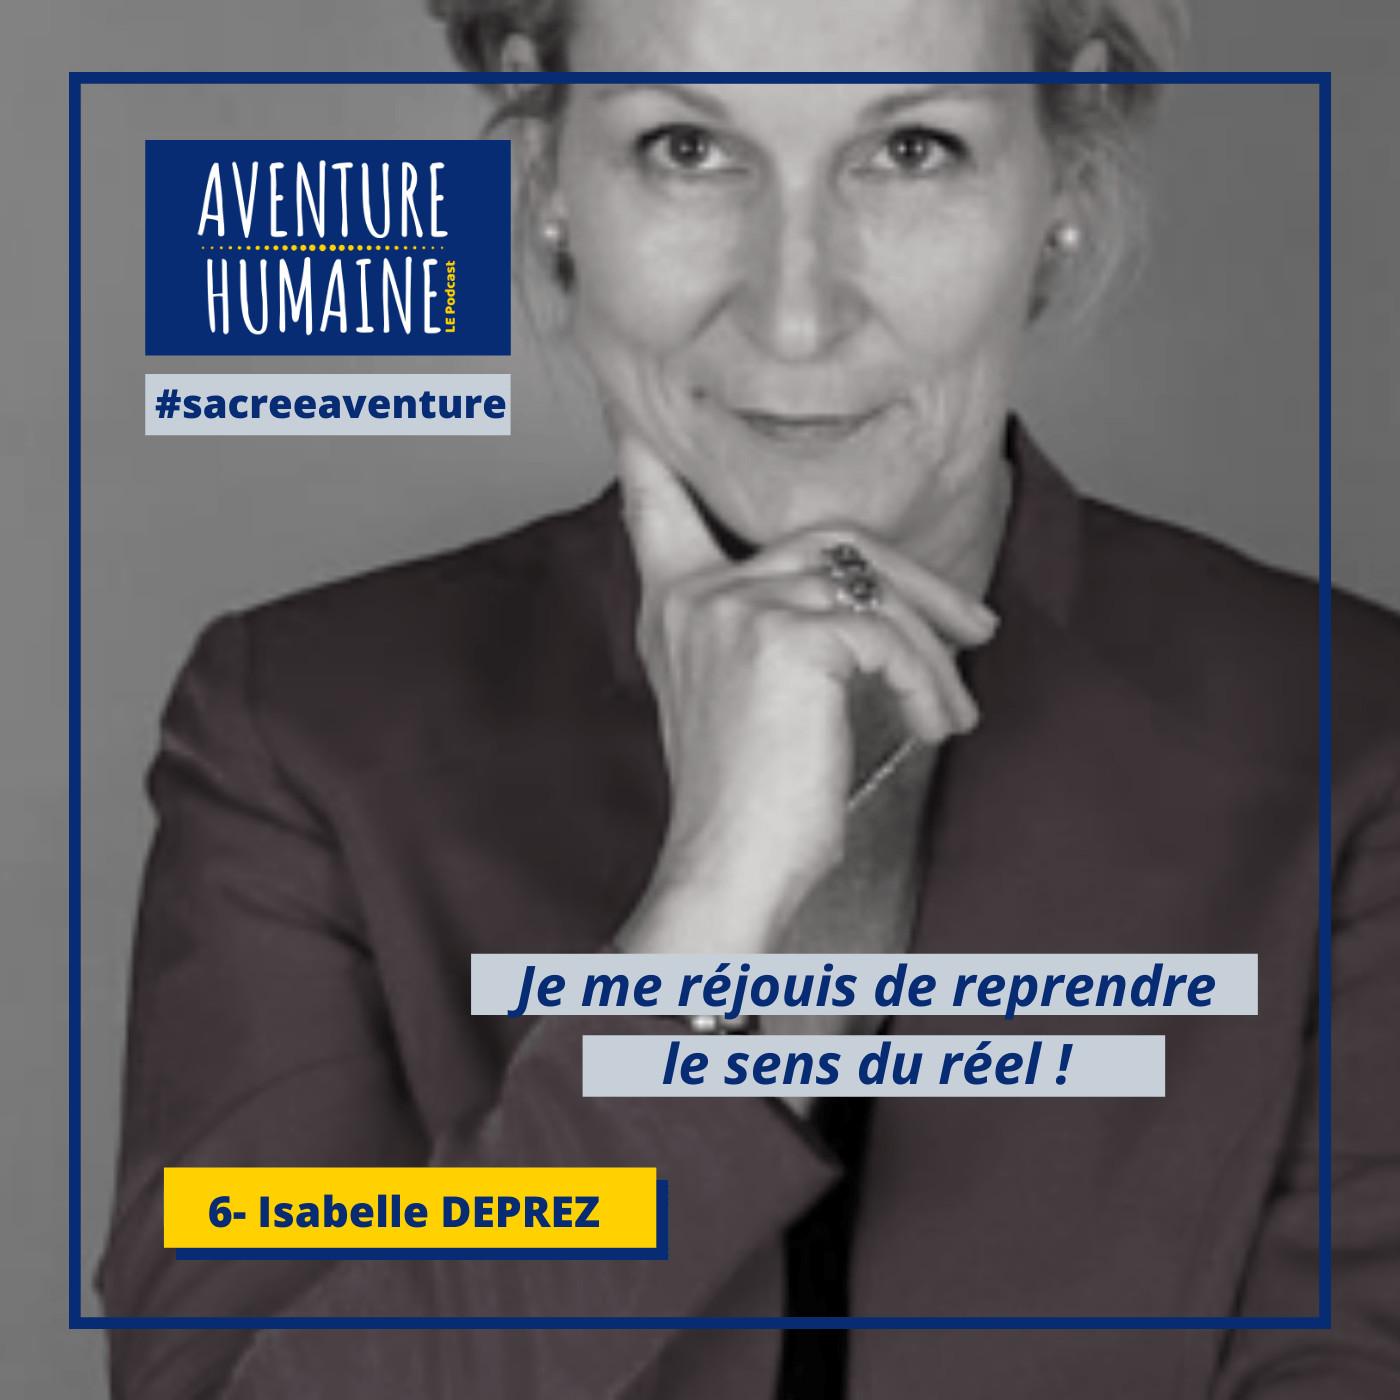 #6 -🎙COVID-19 🙏- Sacrée Aventure avec Isabelle Deprez - Reprendre le sens du réel !